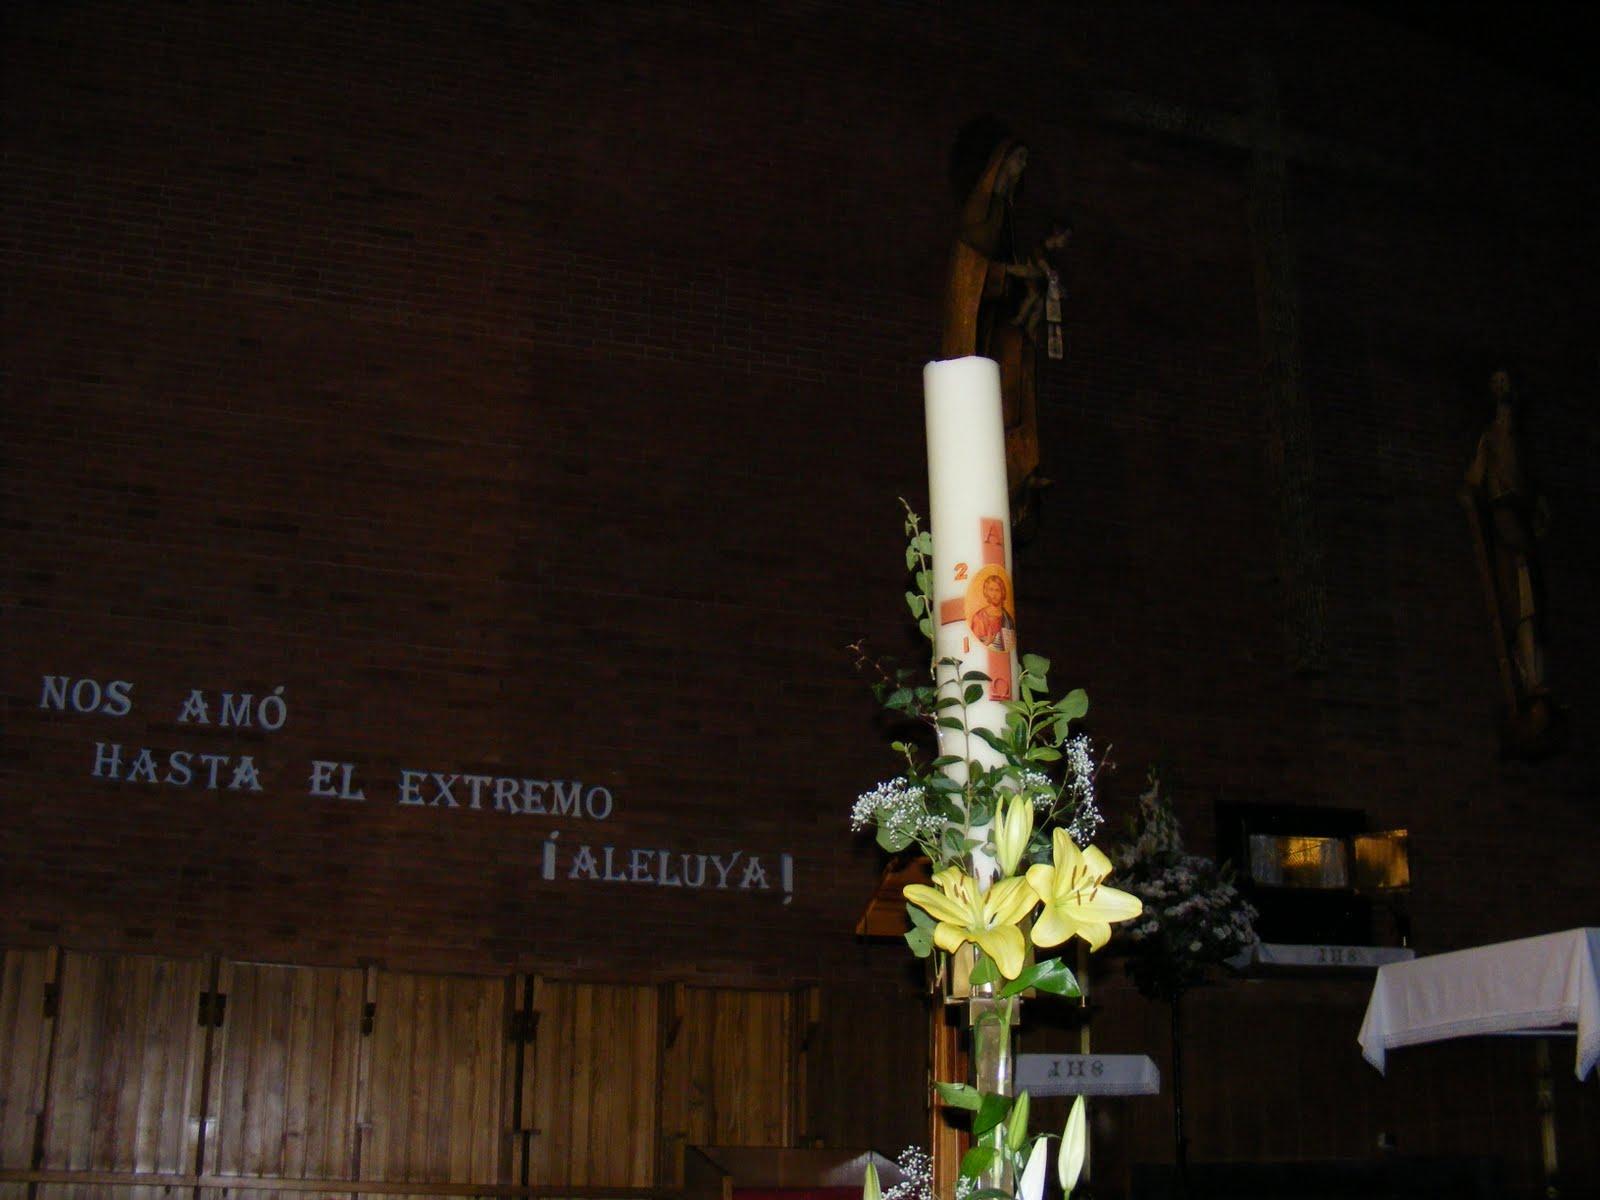 Anna Santos Abril 2010: PP. Carmelitas Descalzos Reinosa: Abril 2010